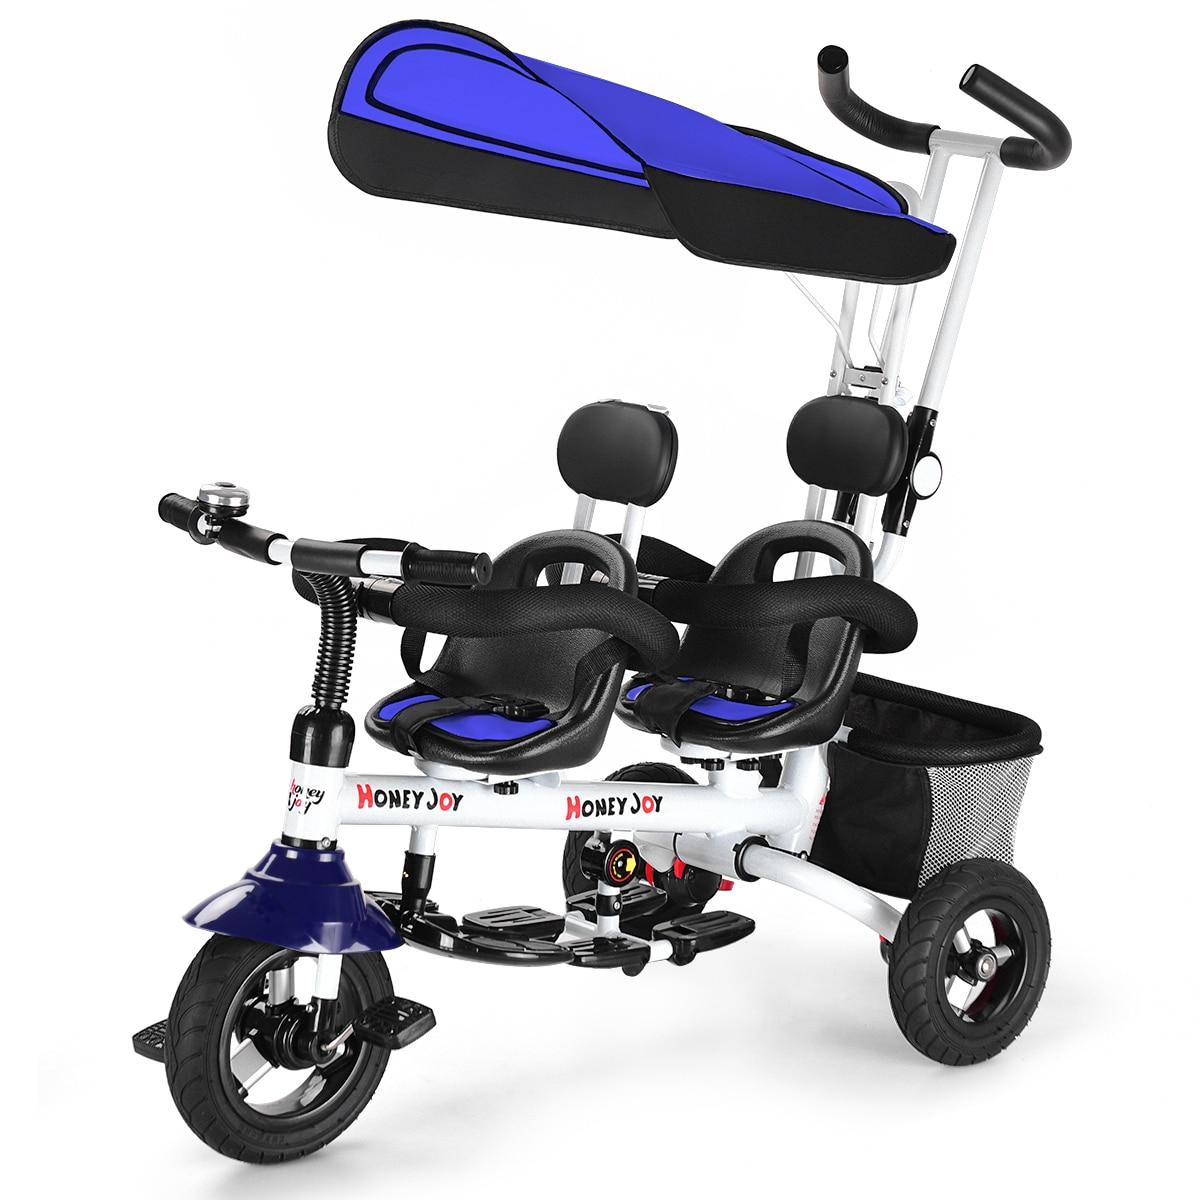 عربة أطفال ثلاثية العجلات قابلة للفصل ، لعبة أطفال مزدوجة 4 في 1 ، قابلة للفصل باللون الأزرق